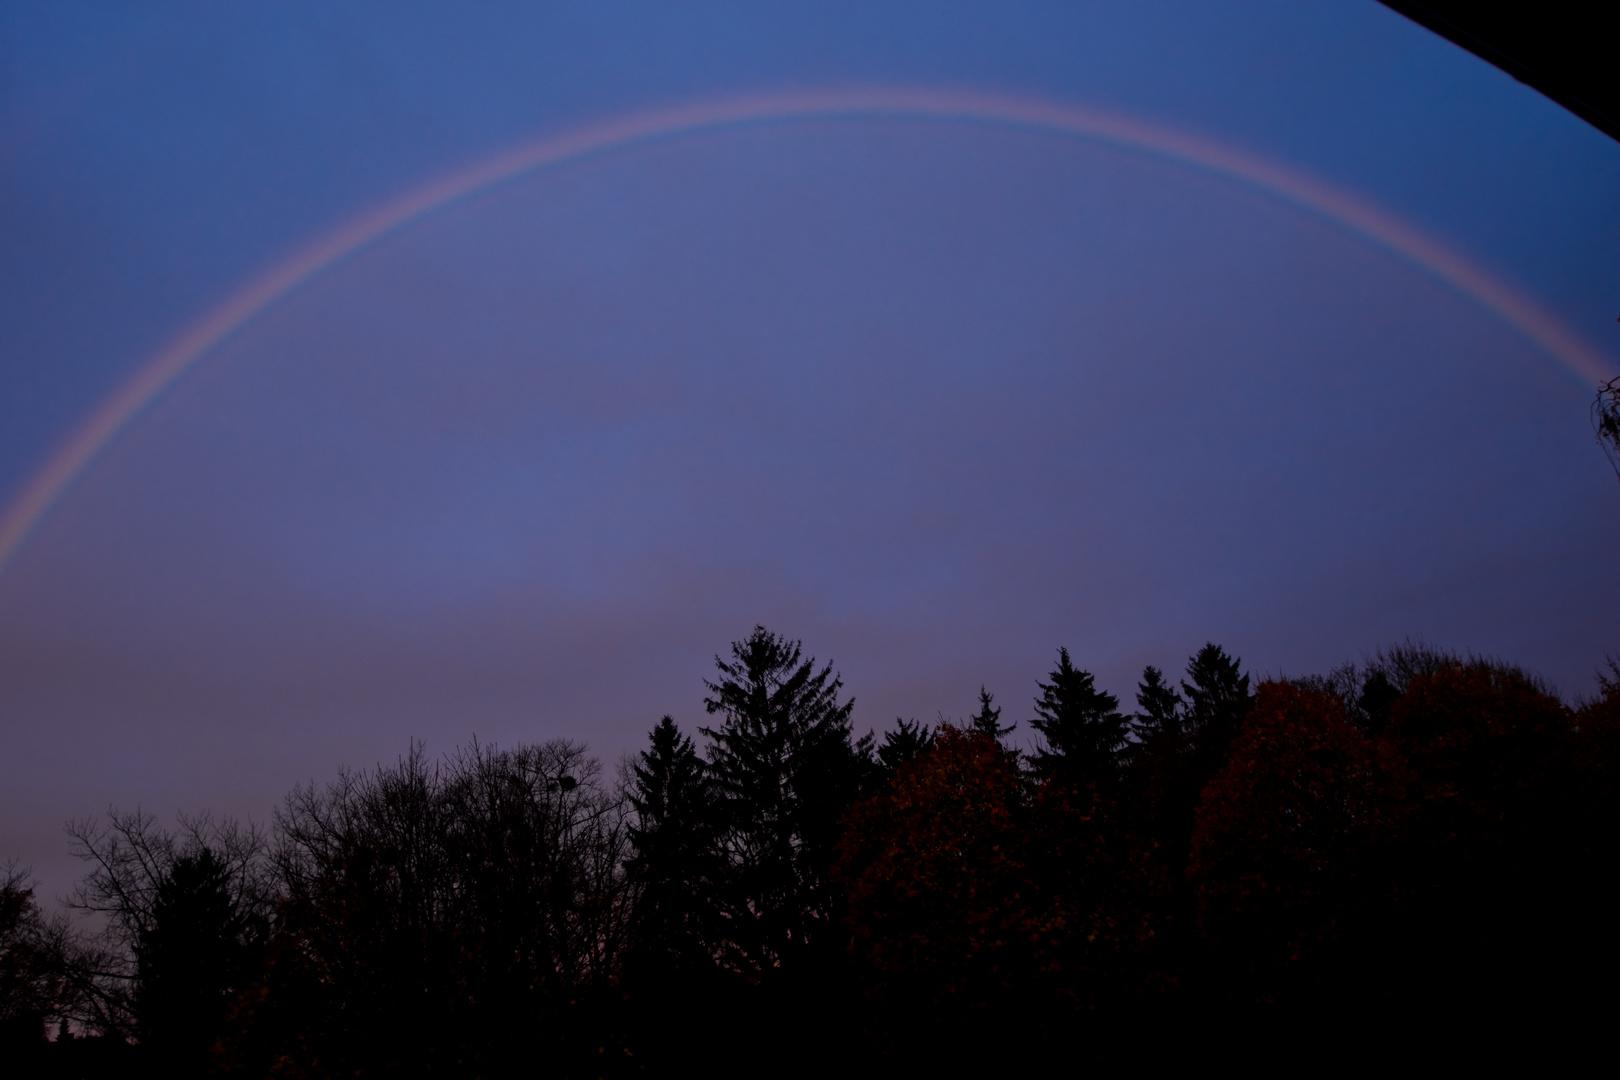 Regenbogen in Dammerstock